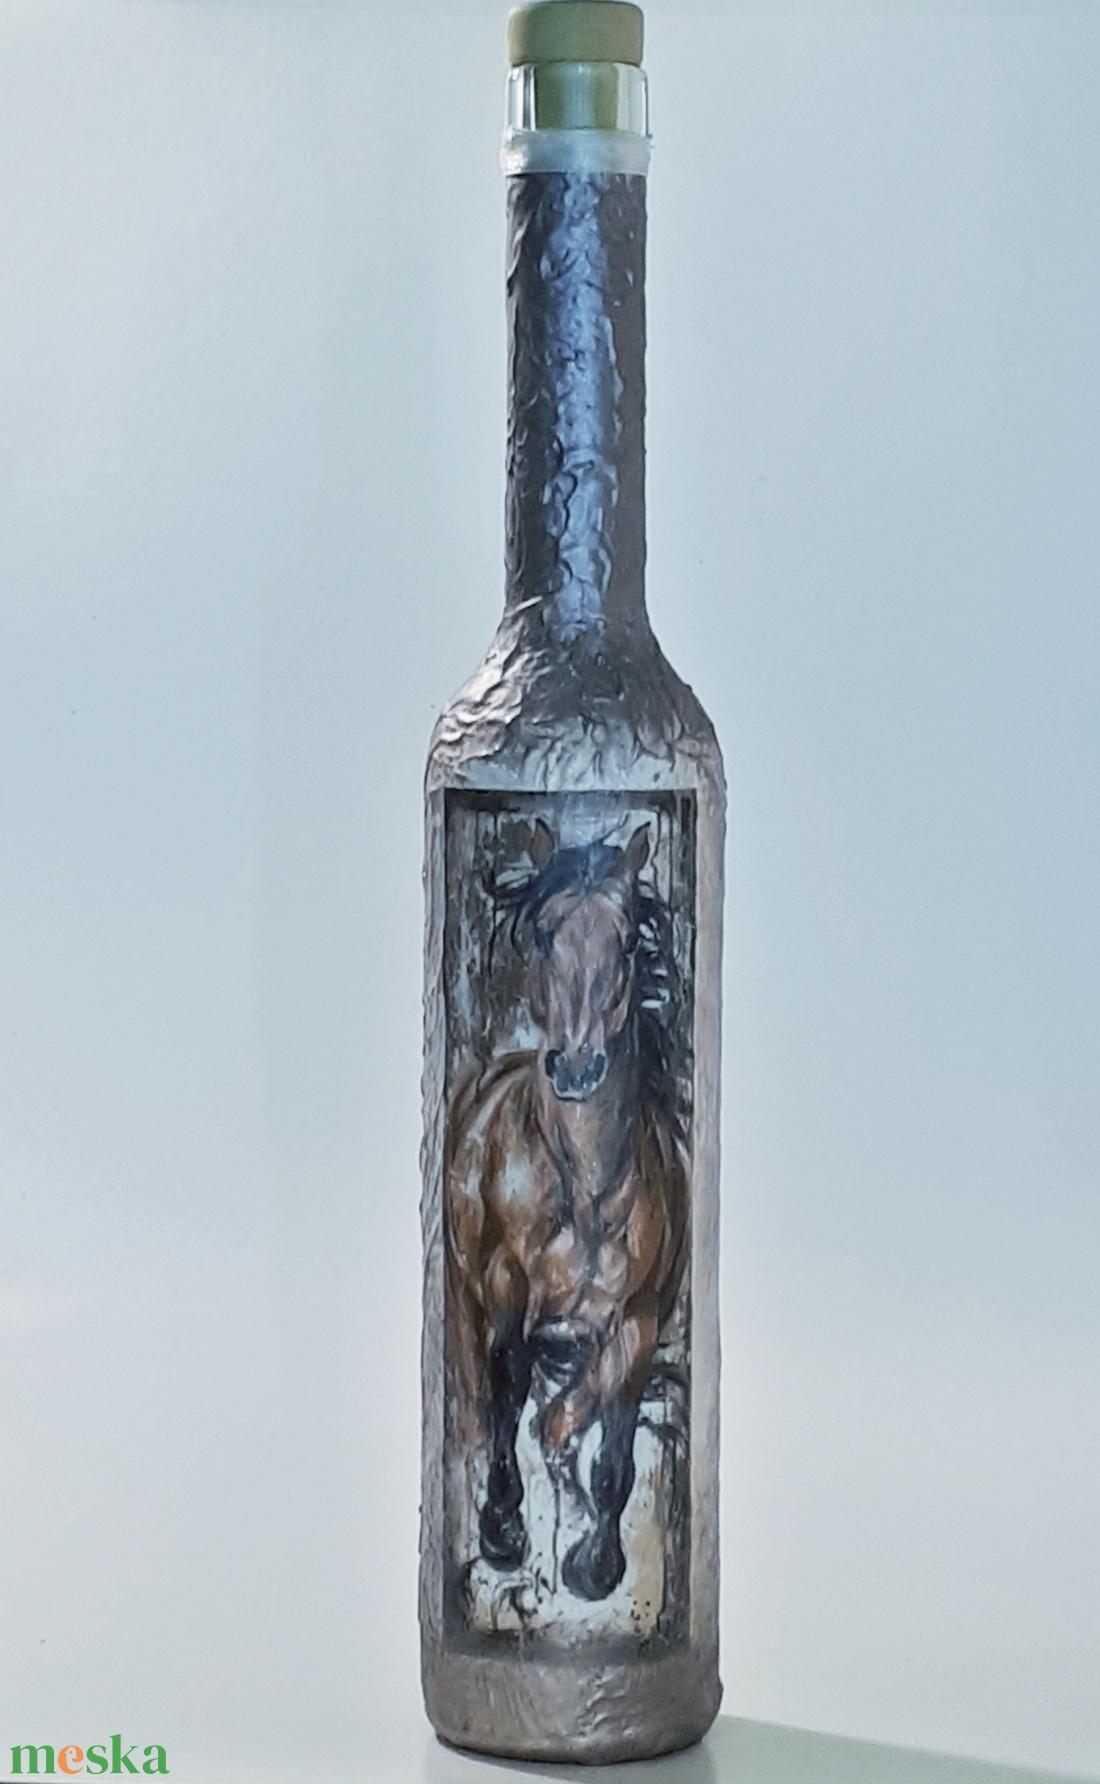 Lovas dísz-és használati italos üveg, pálinkás üveg, boros üveg ló kedvelőknek.  (Biborvarazs) - Meska.hu